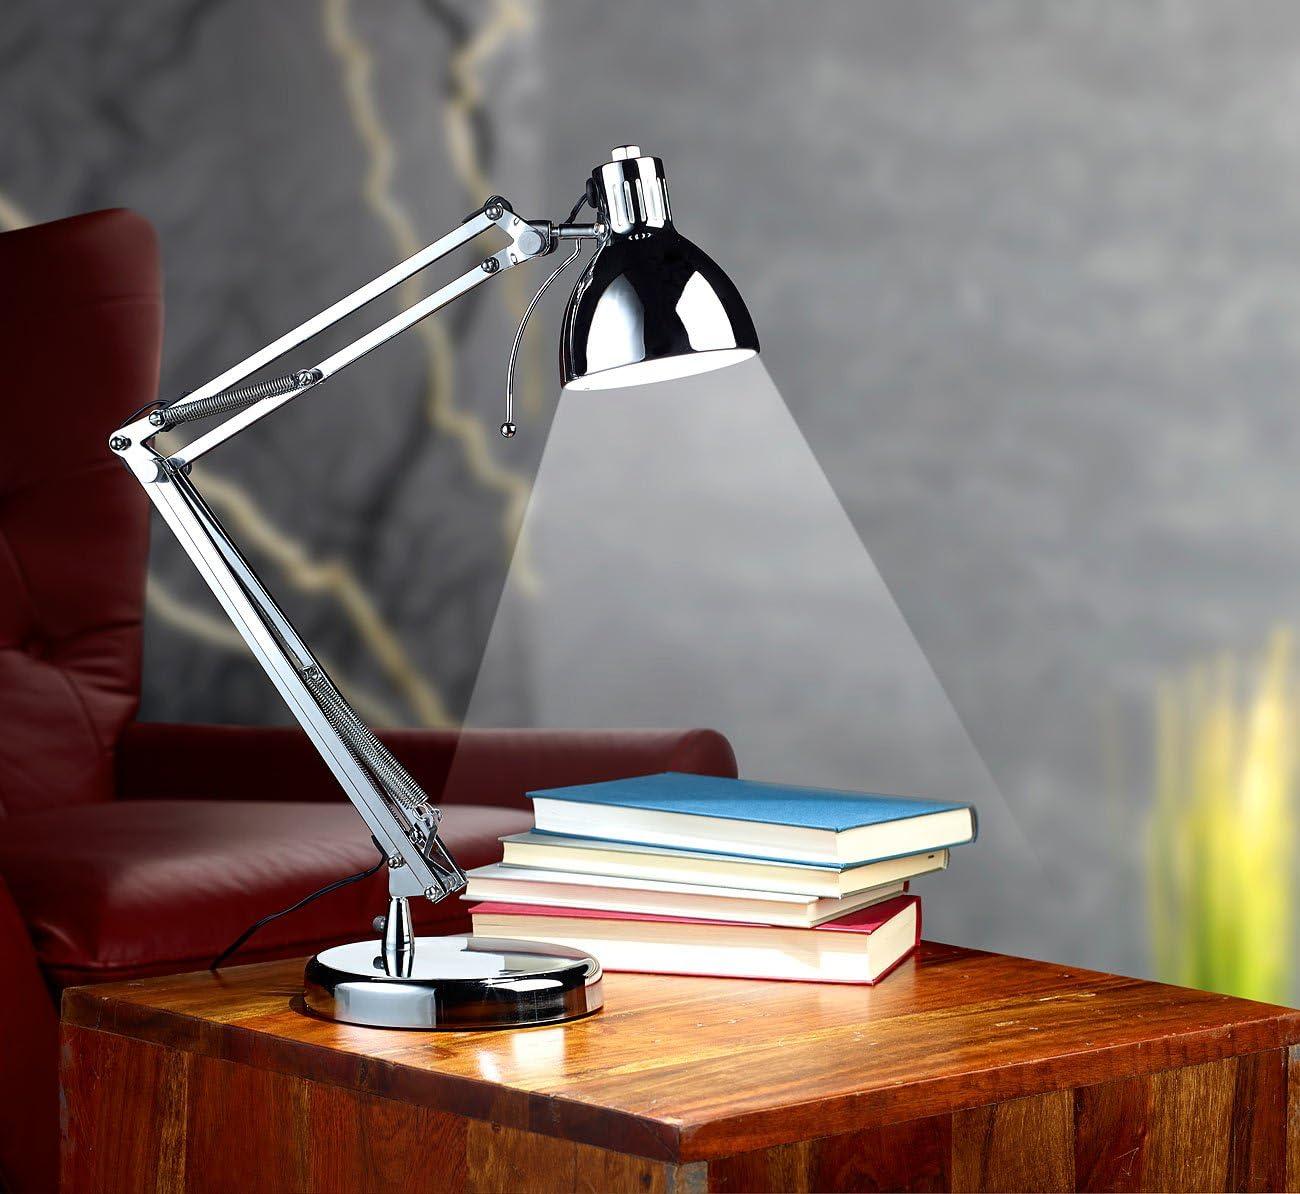 Lampada Da Tavolo Scrivania Silver Argento Stile Retro Retro A Led Da 3 Watt Amazon It Illuminazione